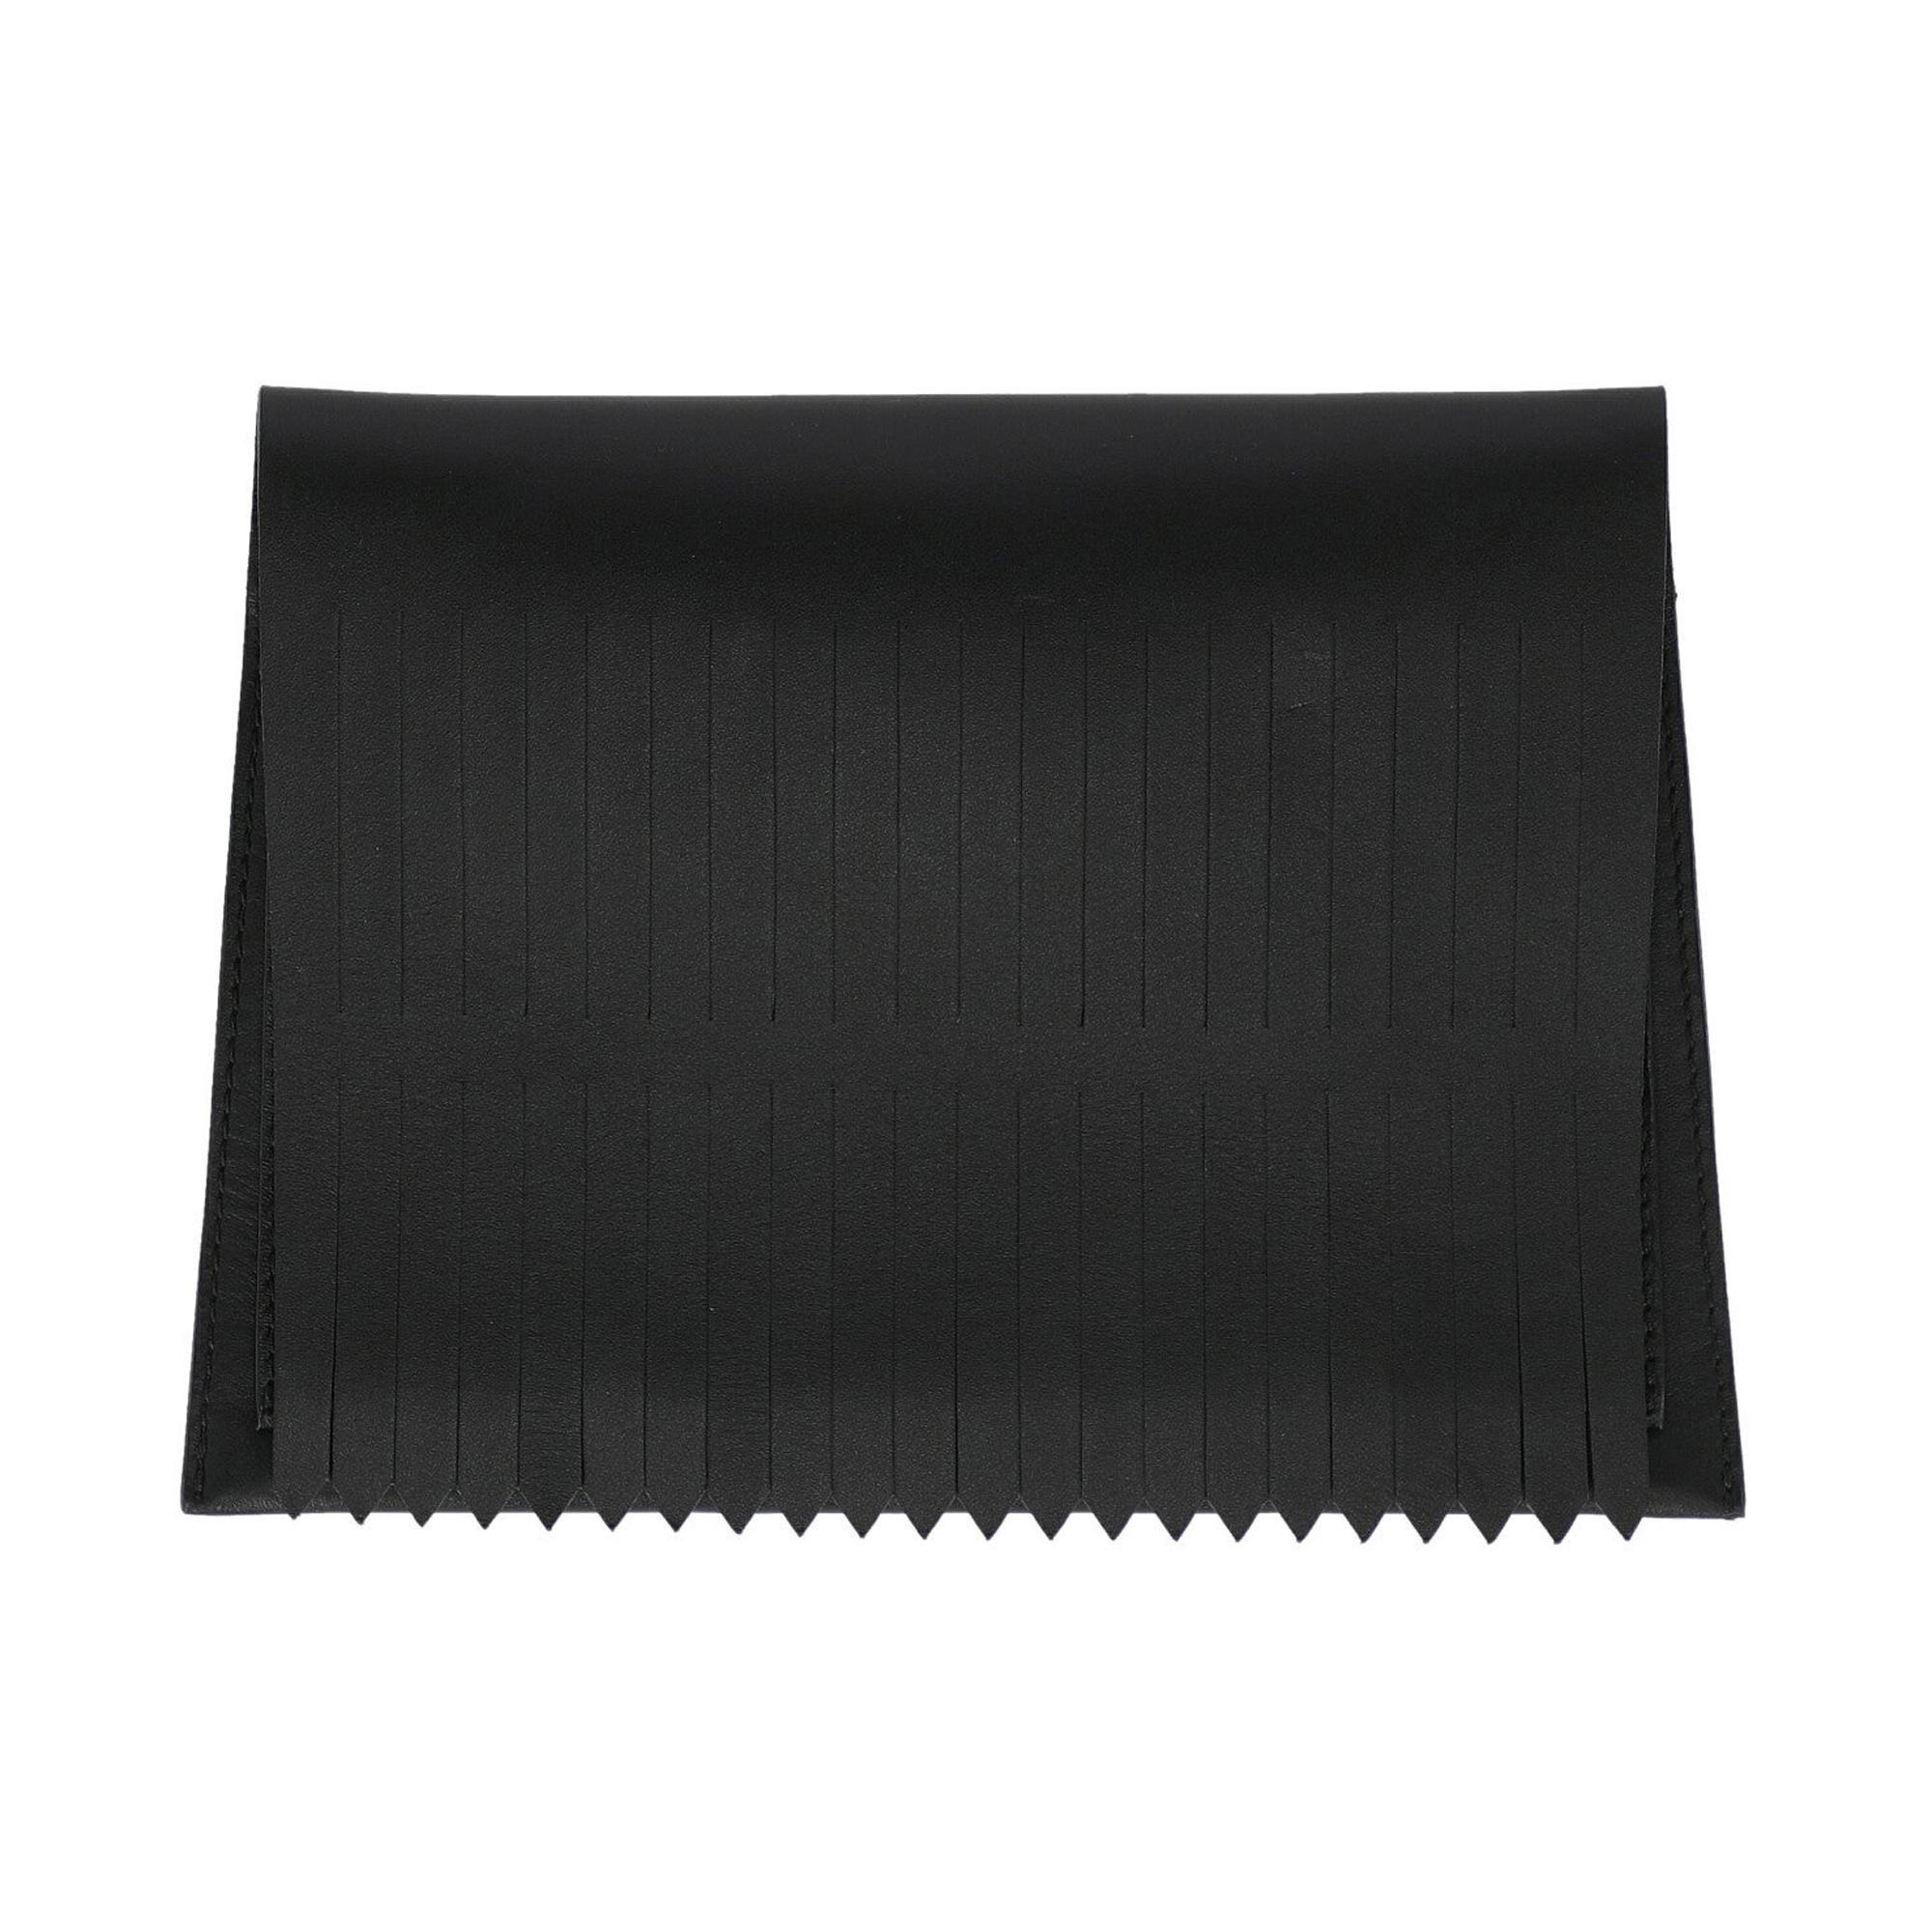 Marni Woman Handbag  Black Leather